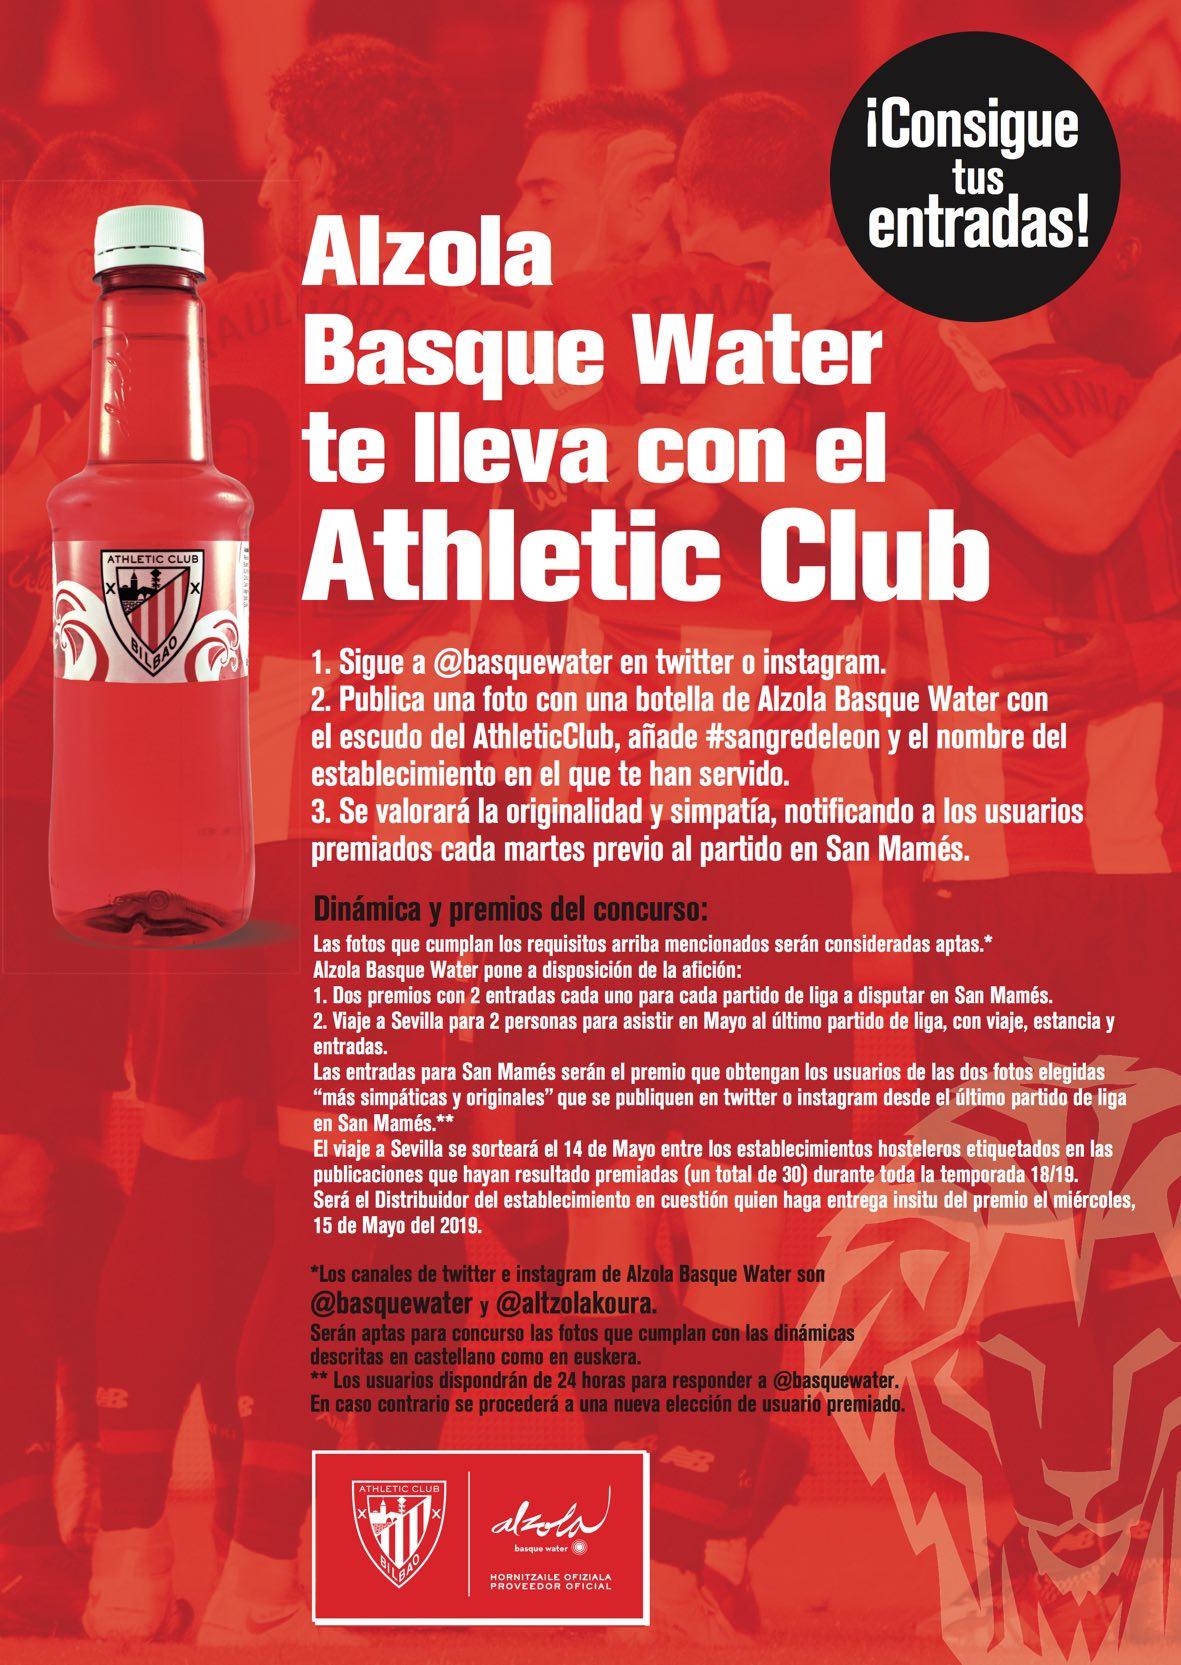 A San Mamés con Sangredeleon de Alzoal Basque Water - AthleticClub